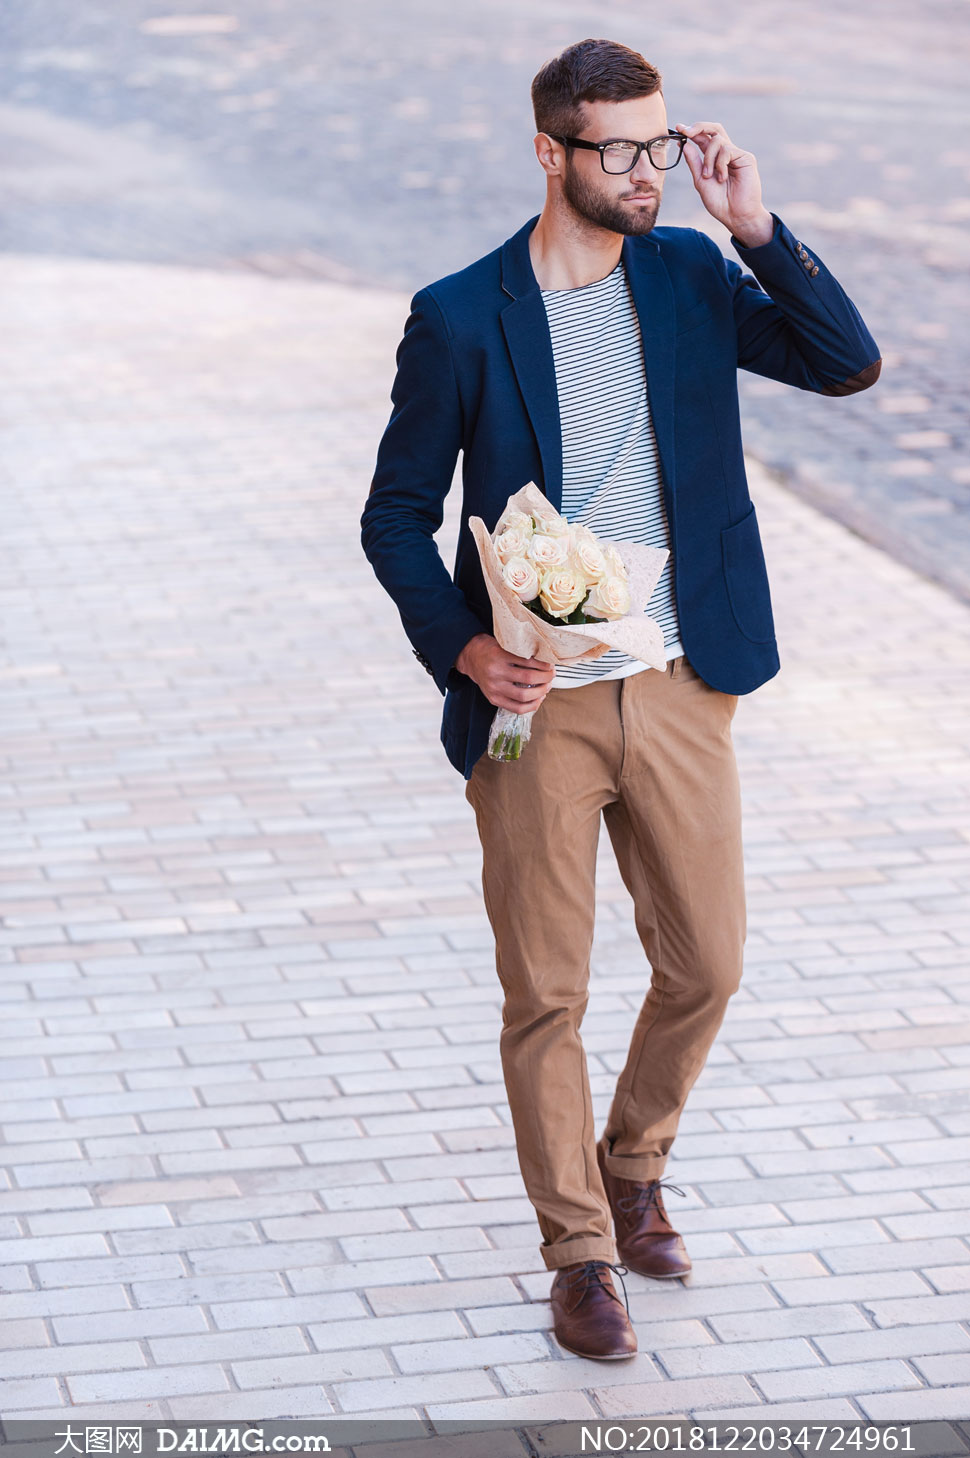 手拿鲜花的休闲装男人摄影高清图片